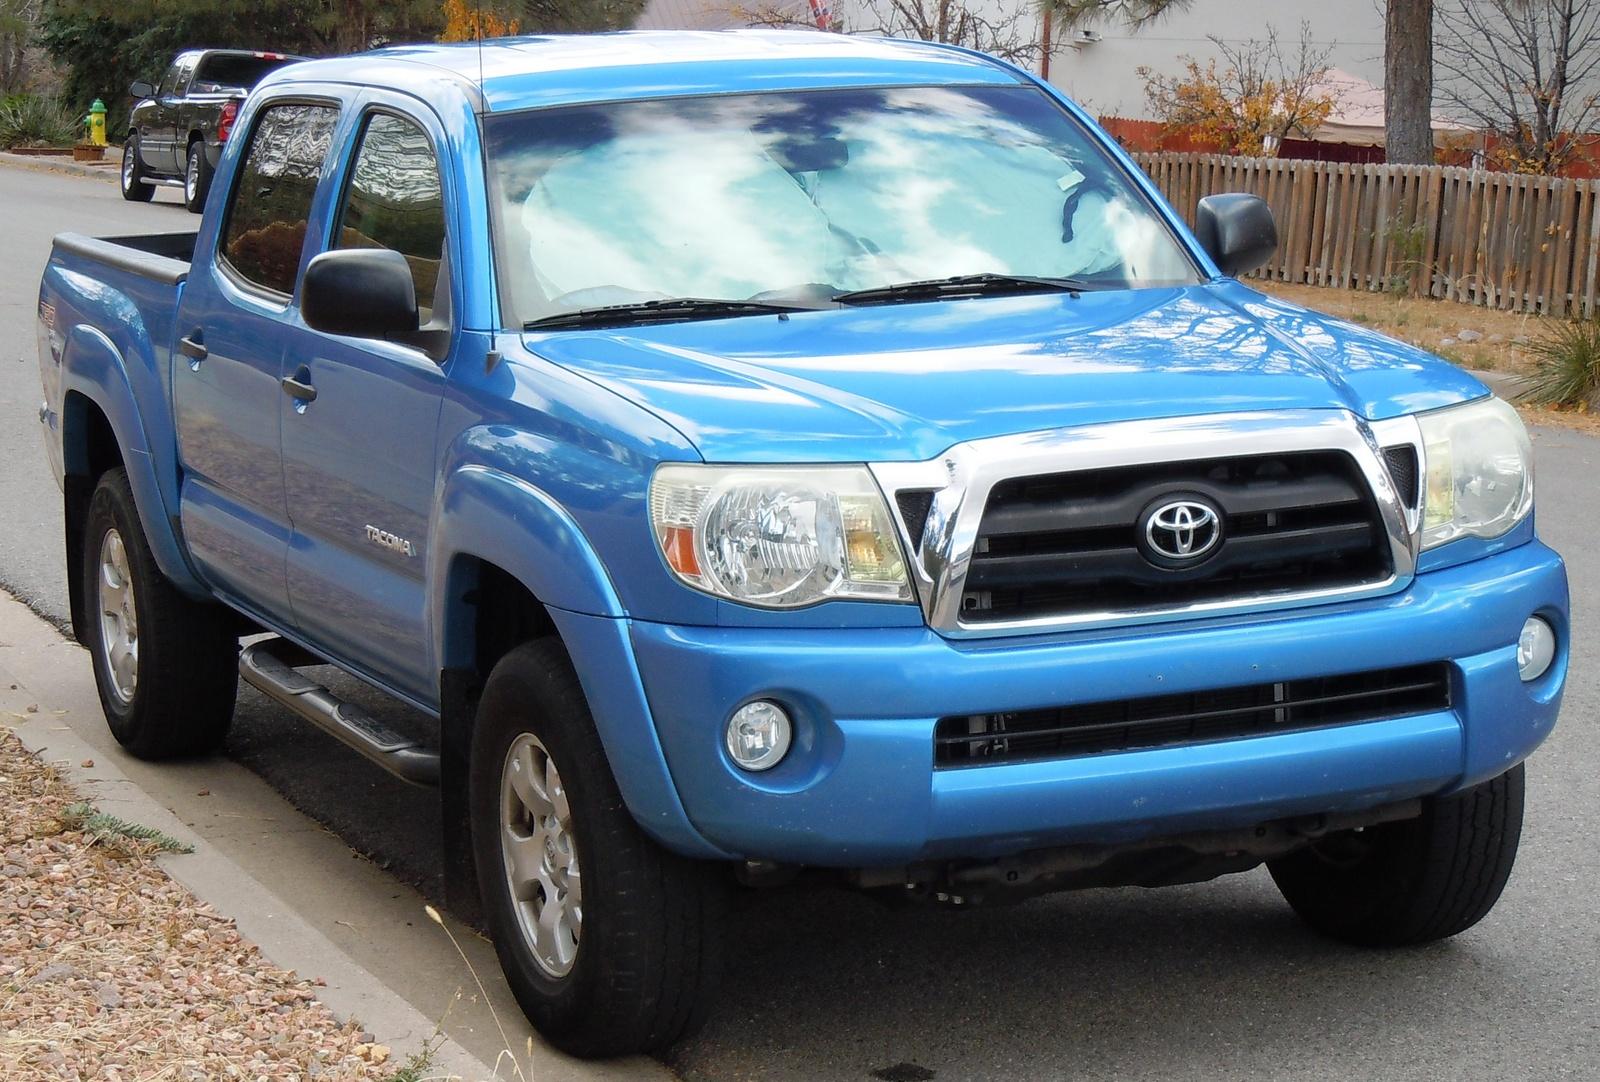 Car Dealerships In Lexington Ky >> Lexington Car Dealers Find New Car Dealerships In | Autos Post